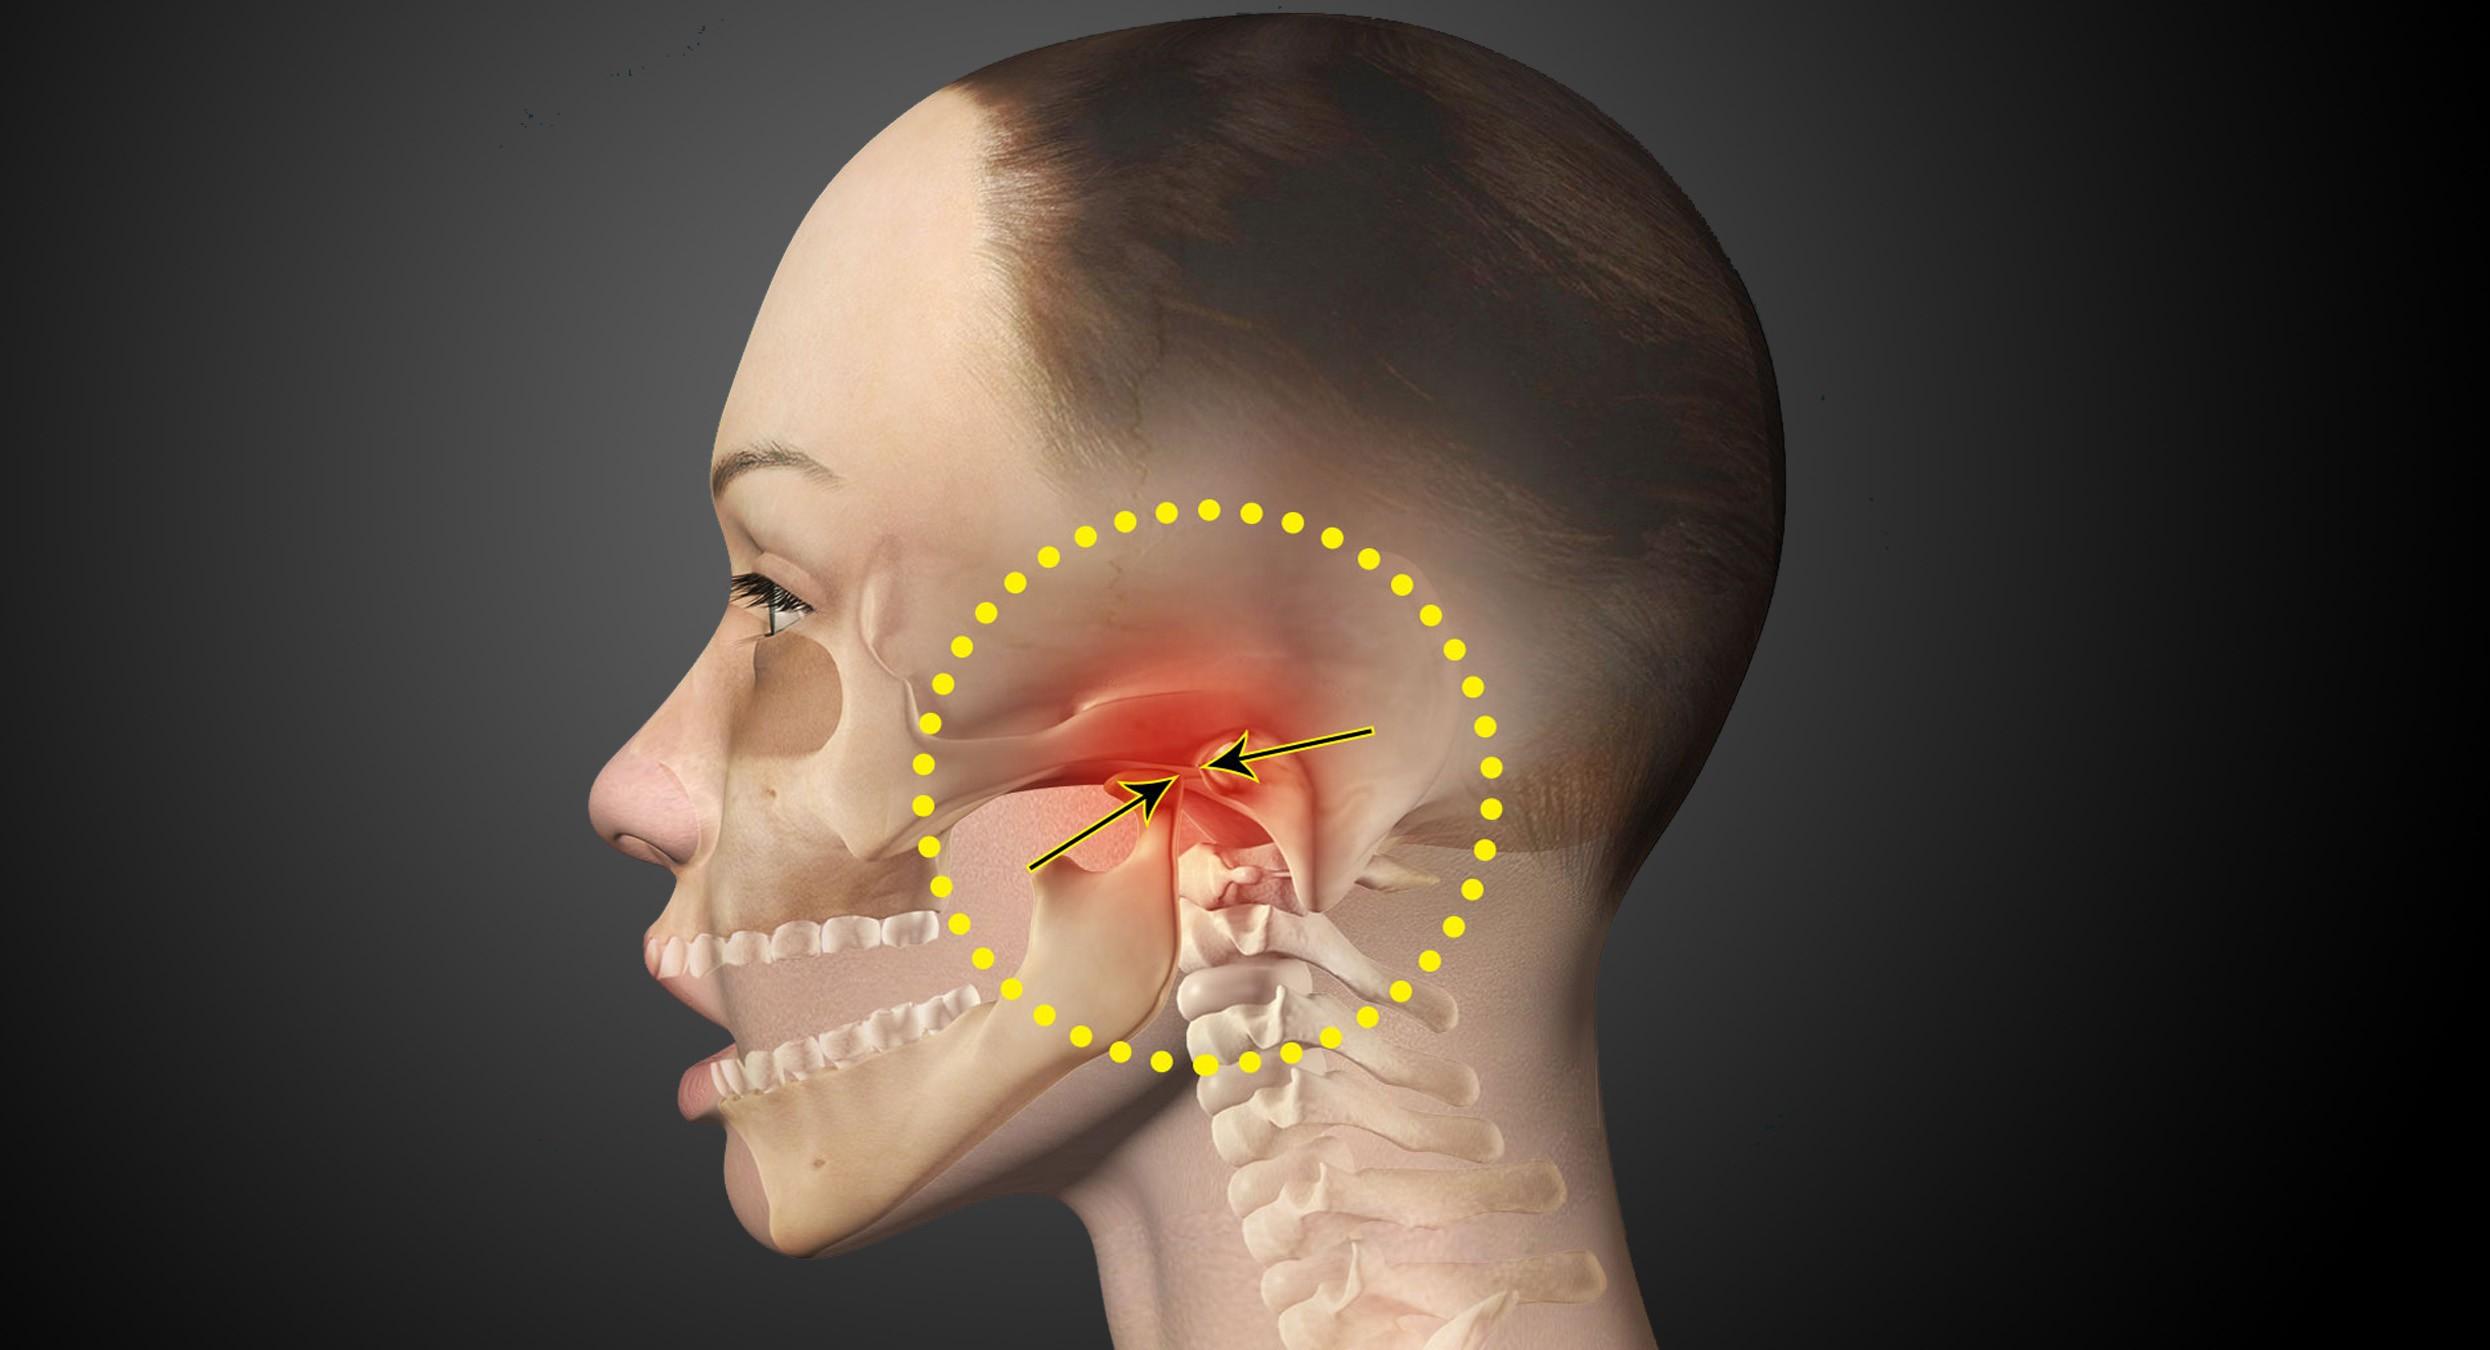 Артроз челюстного сустава: лечение, симптомы и причины